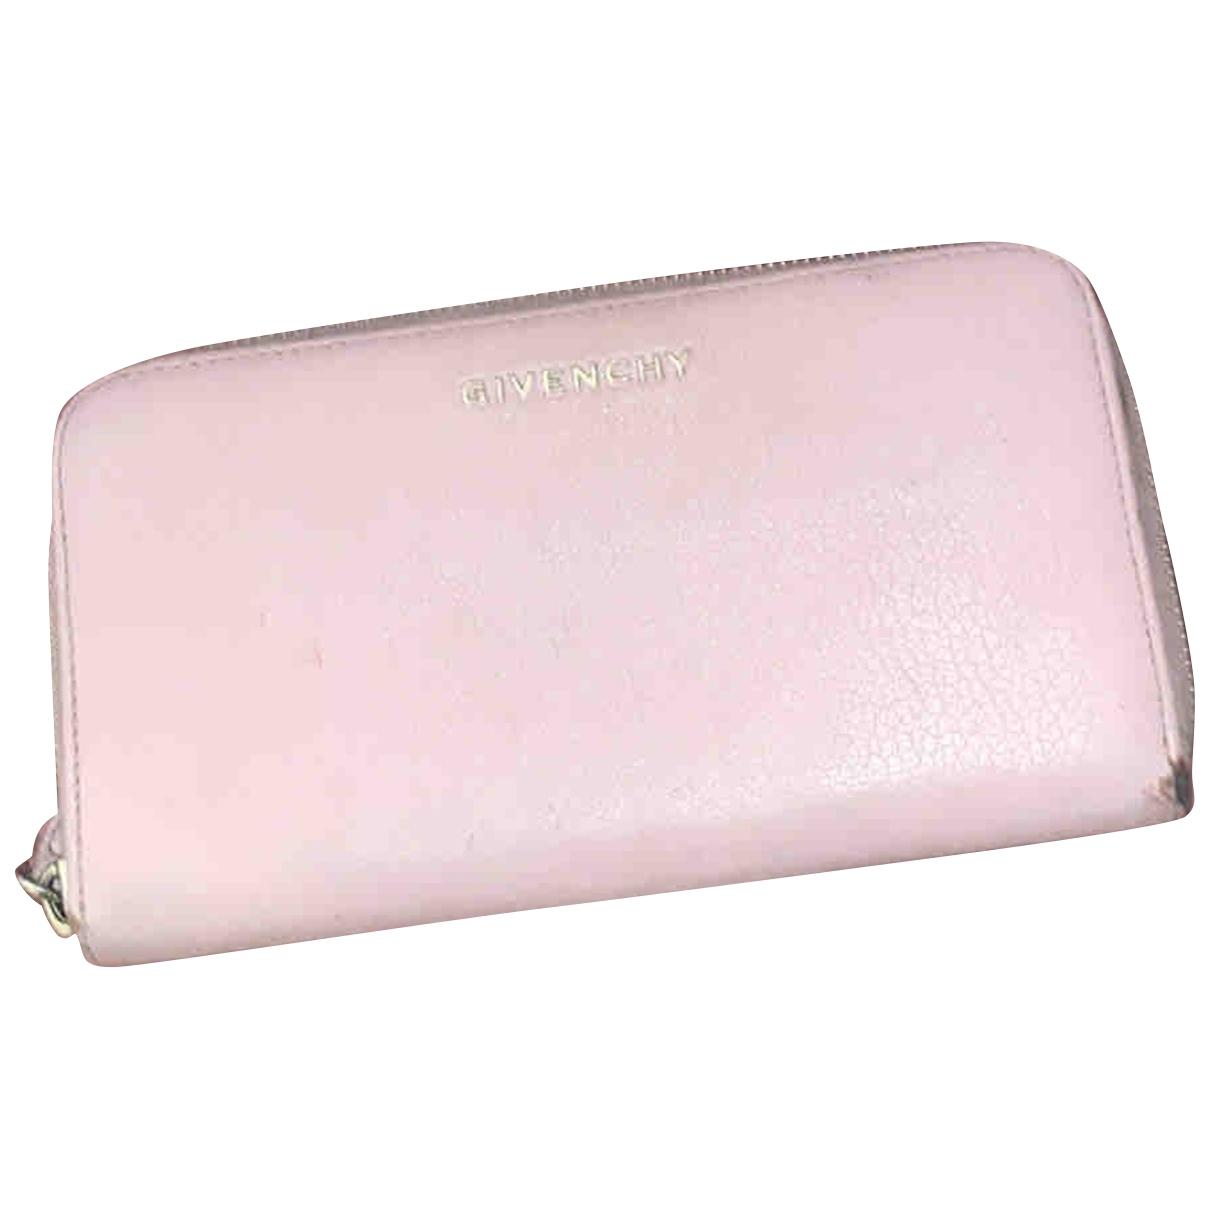 Givenchy - Portefeuille   pour femme en cuir - rose